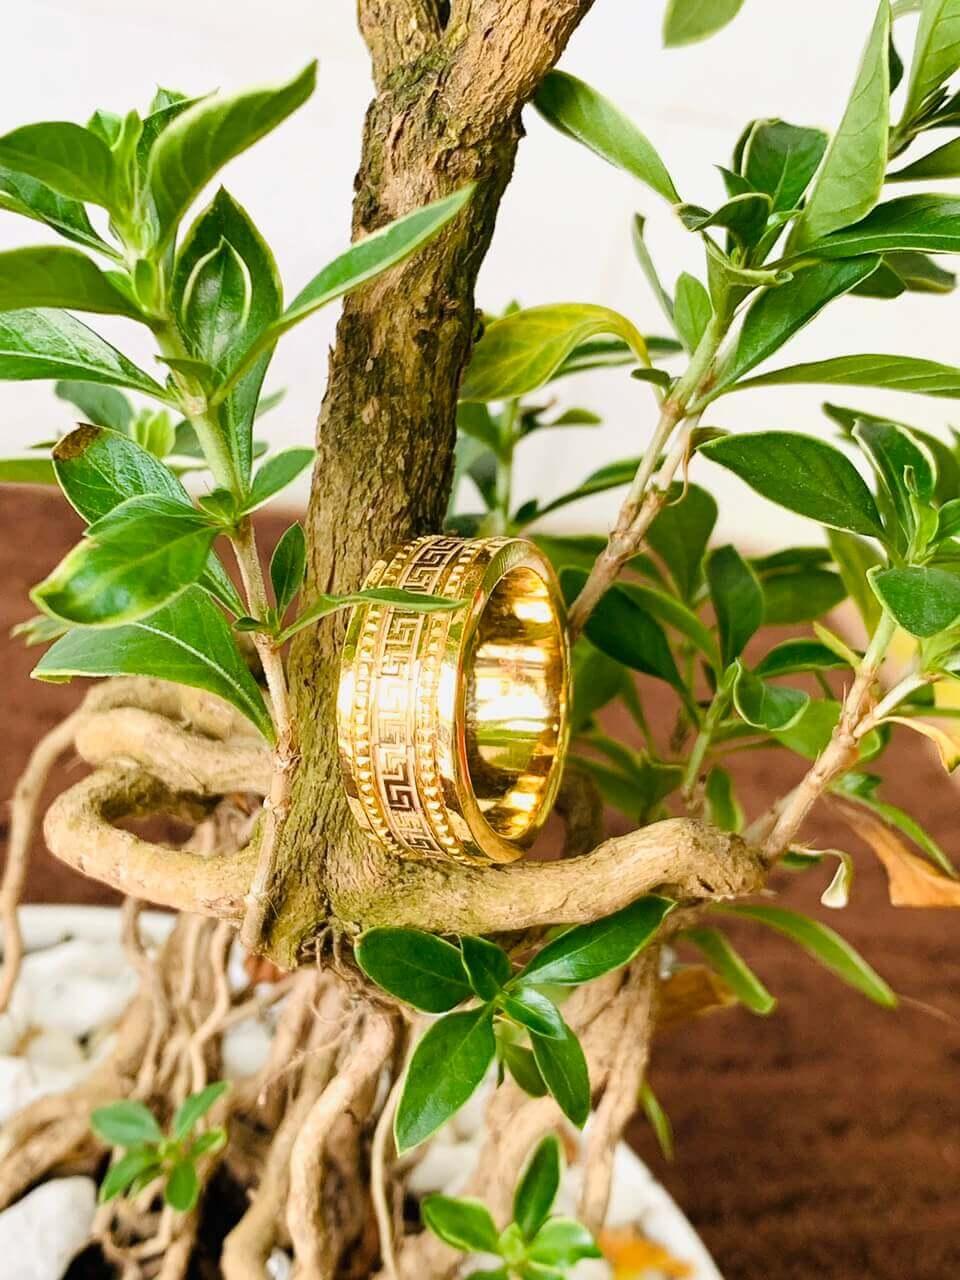 Thiết kế nhẫn cỡ dày phù hợp với ni tay nam, nữ và tăng thêm tài lộc cho người sở hữu